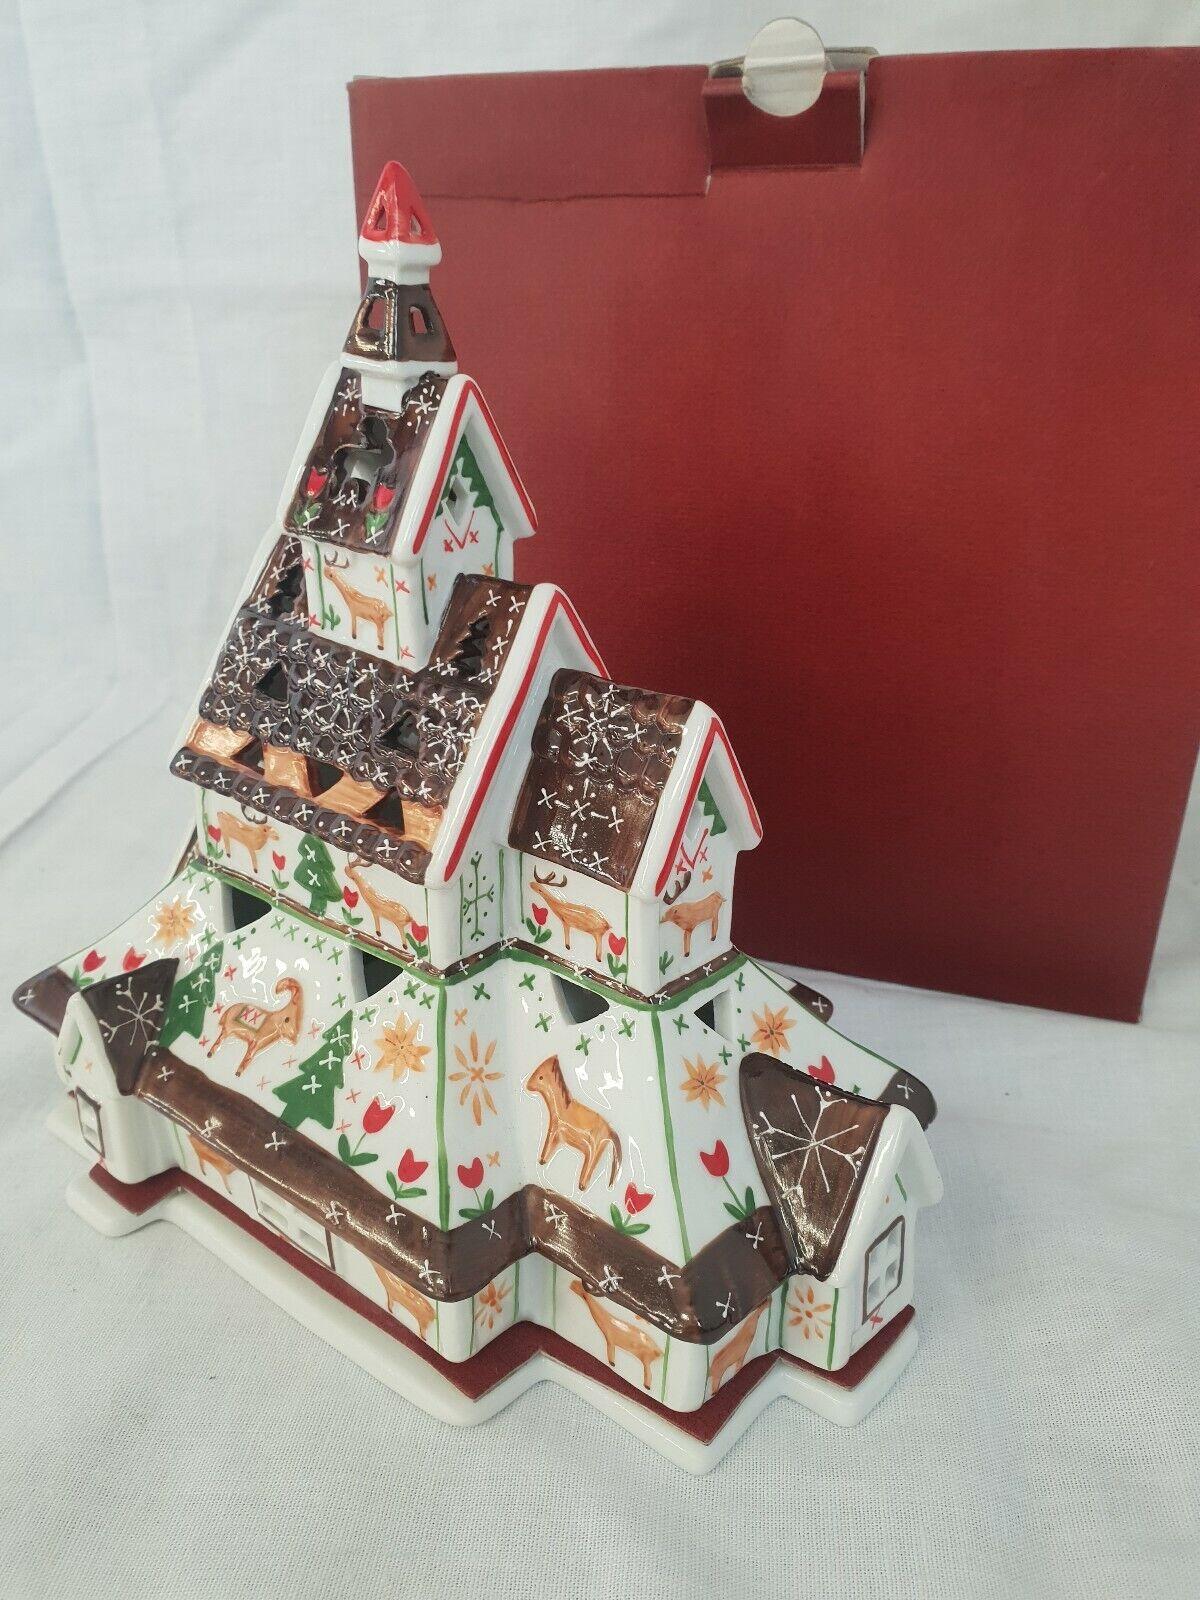 Villeroy & Boch, Kirche Waldtiere Weihnachten Scandinavia Decolights + OVP